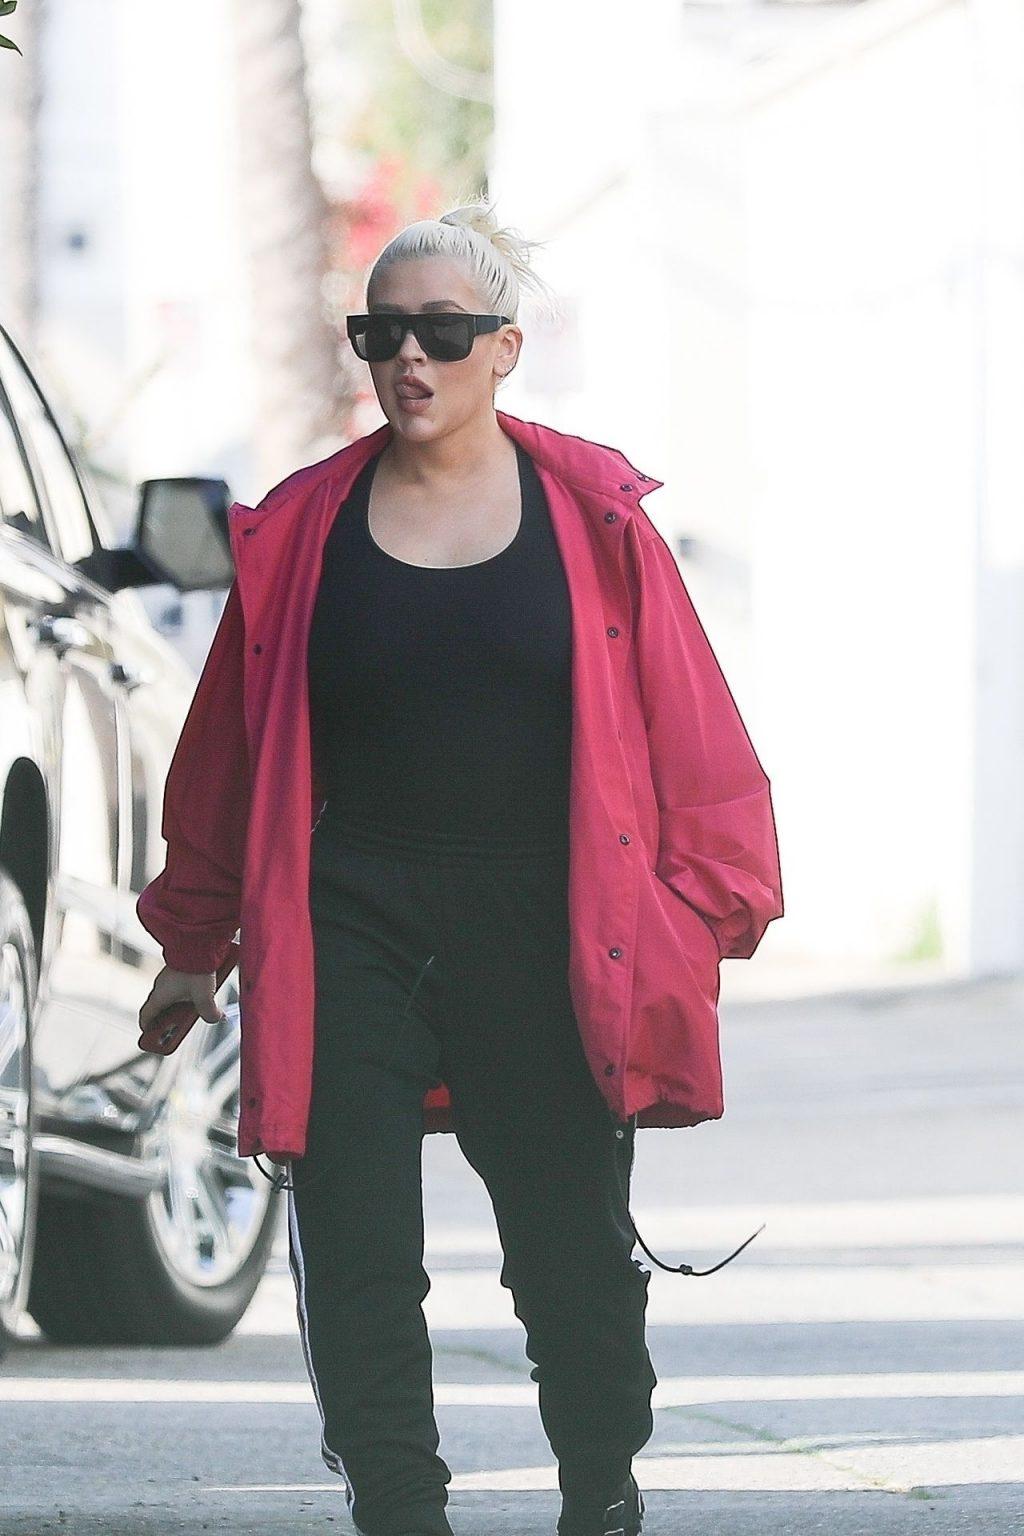 Christina Aguilera Braless (43 Photos)